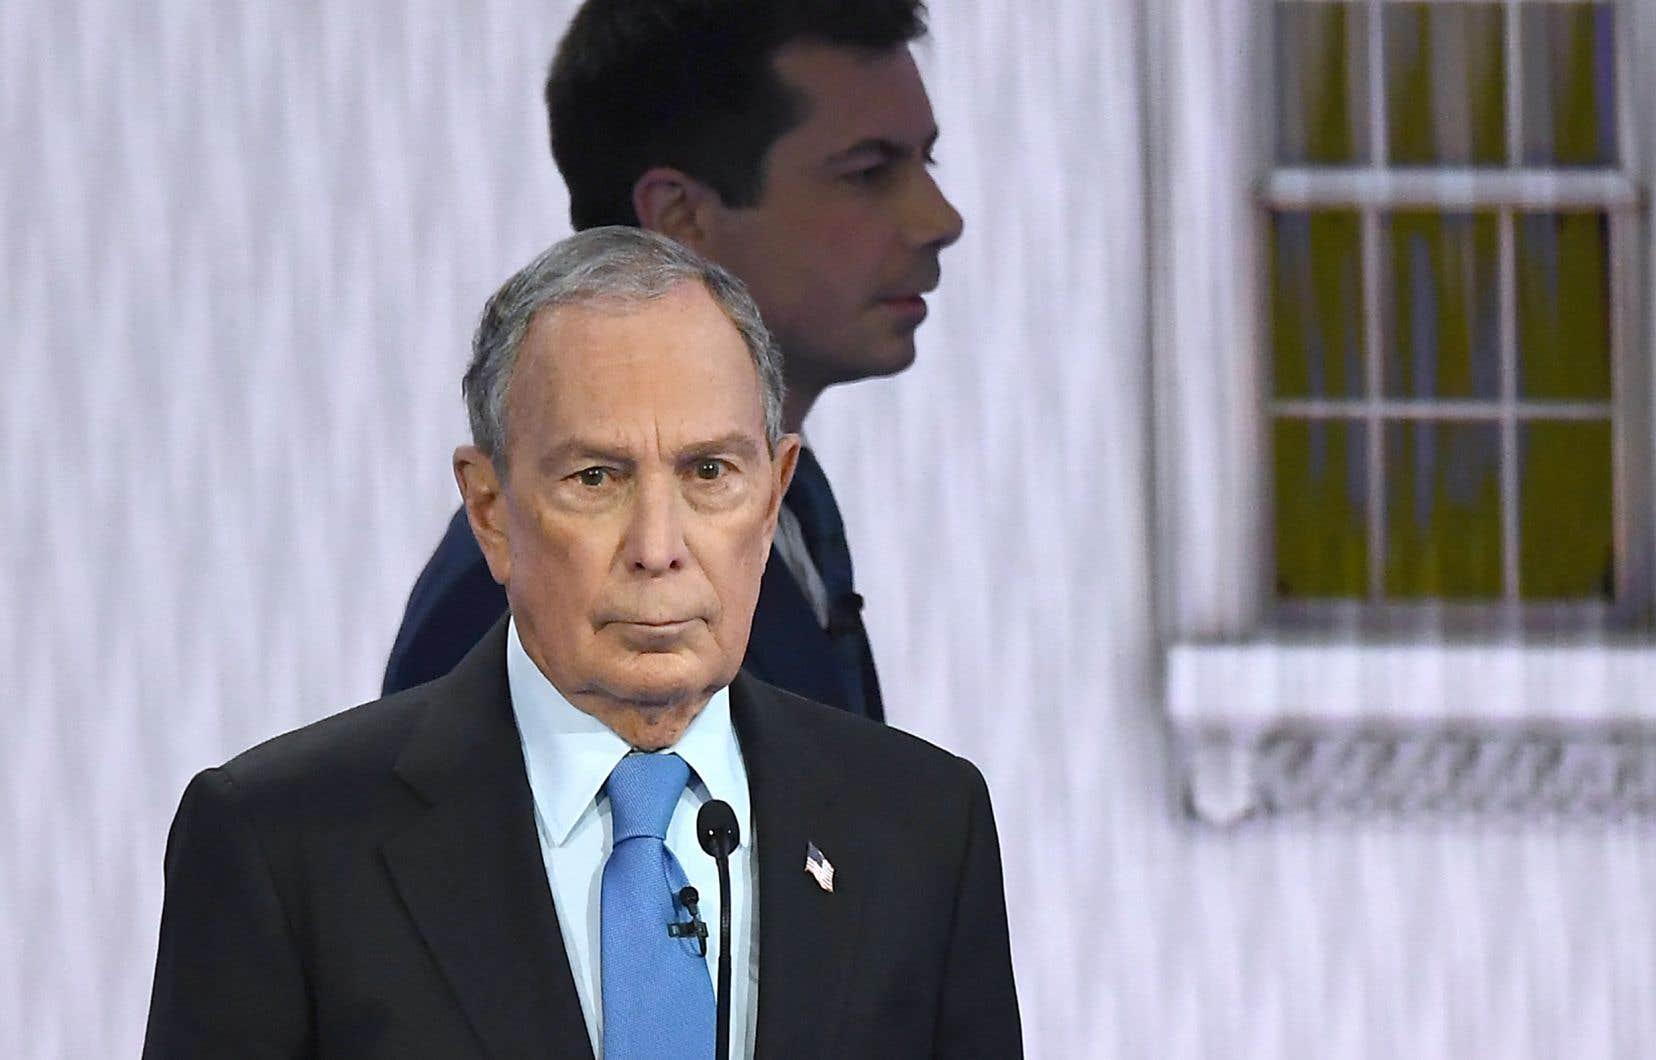 L'ancien maire de New York, Michael Bloomberg (au premier plan), et l'ancien maire de South Bend,Pete Buttigieg (en arrière-plan)